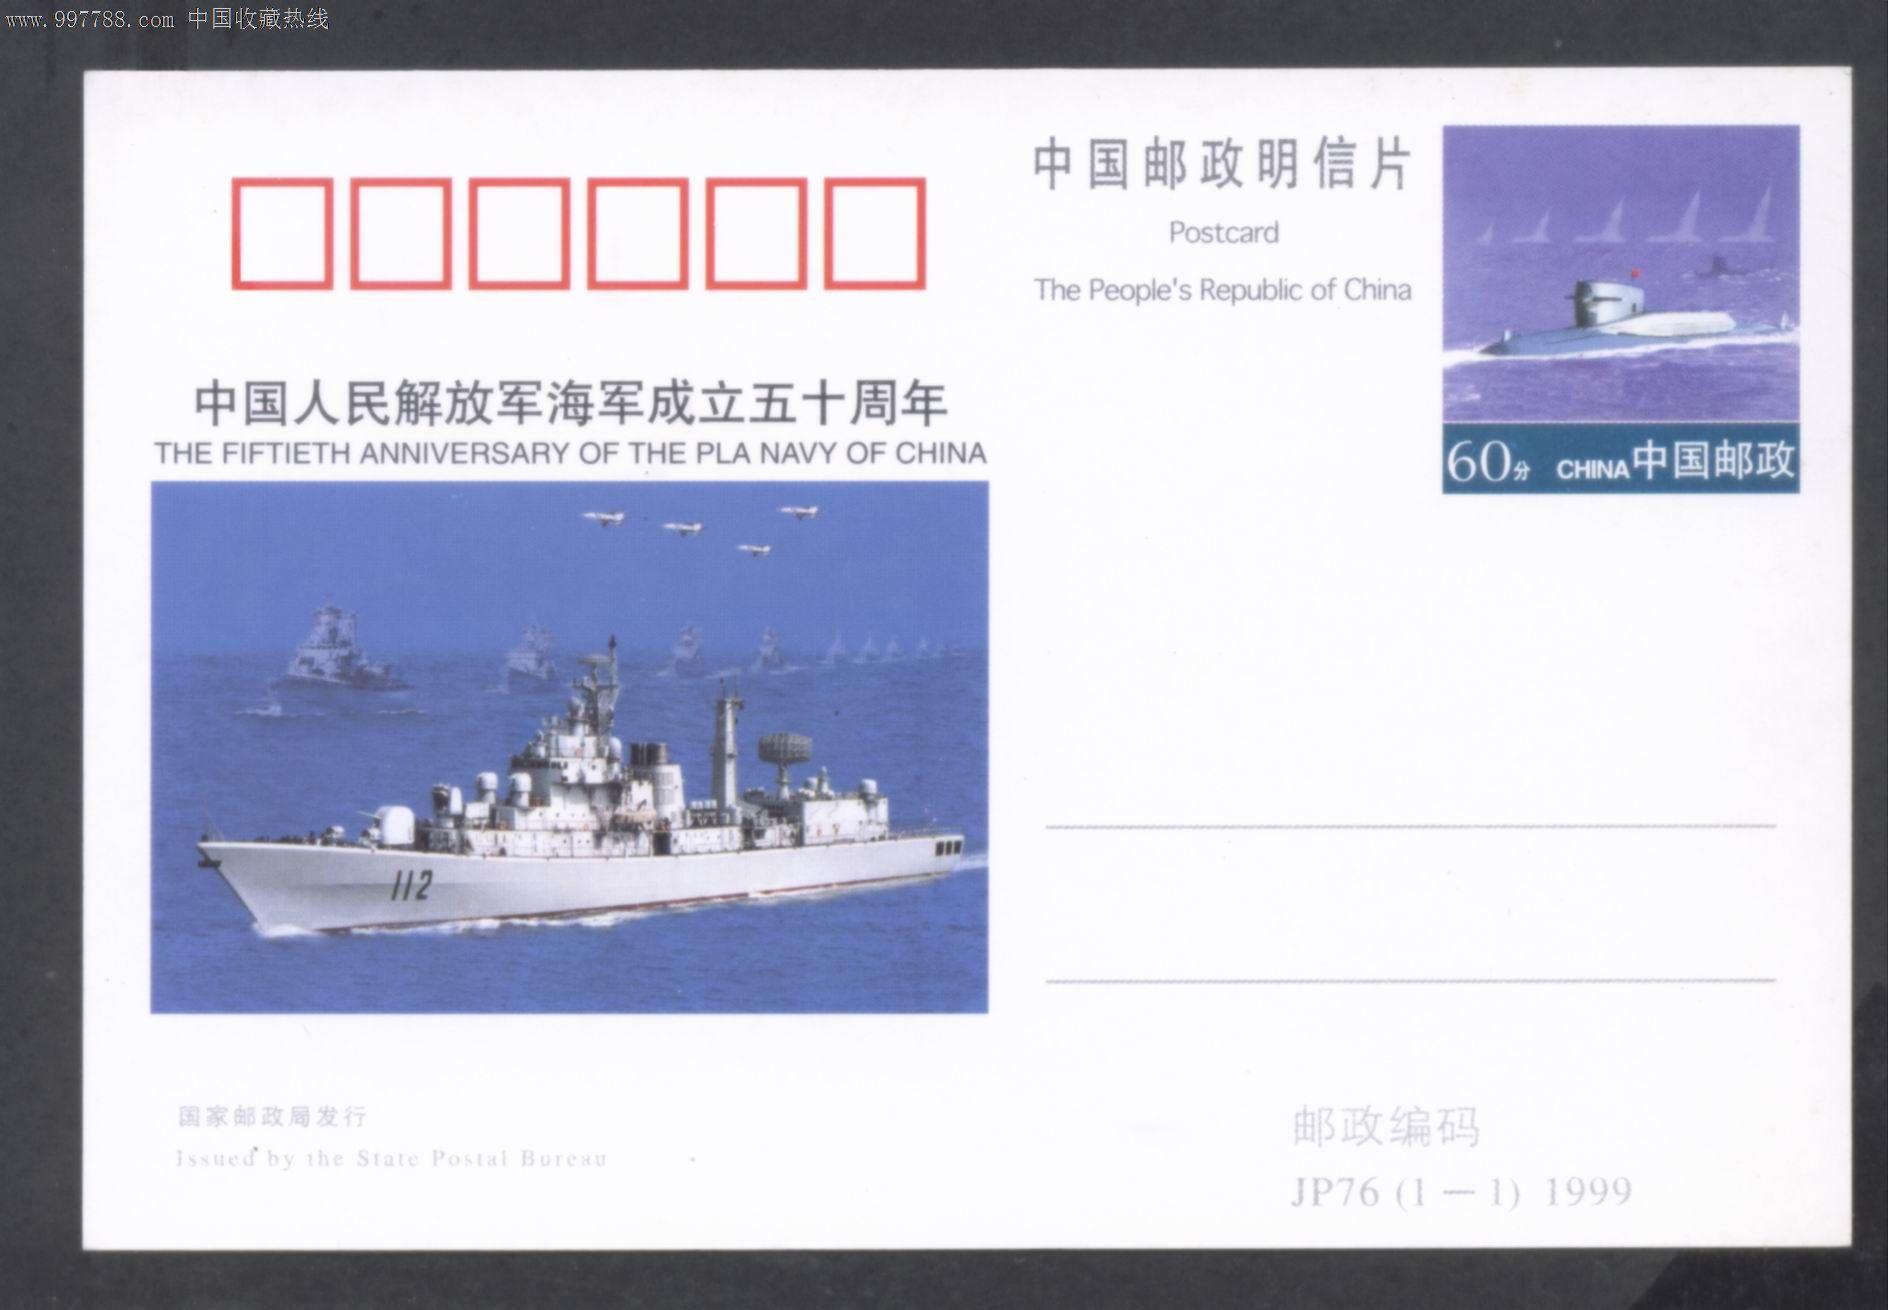 邮资明信片:jp76中国人民解放军海军成立五十周年